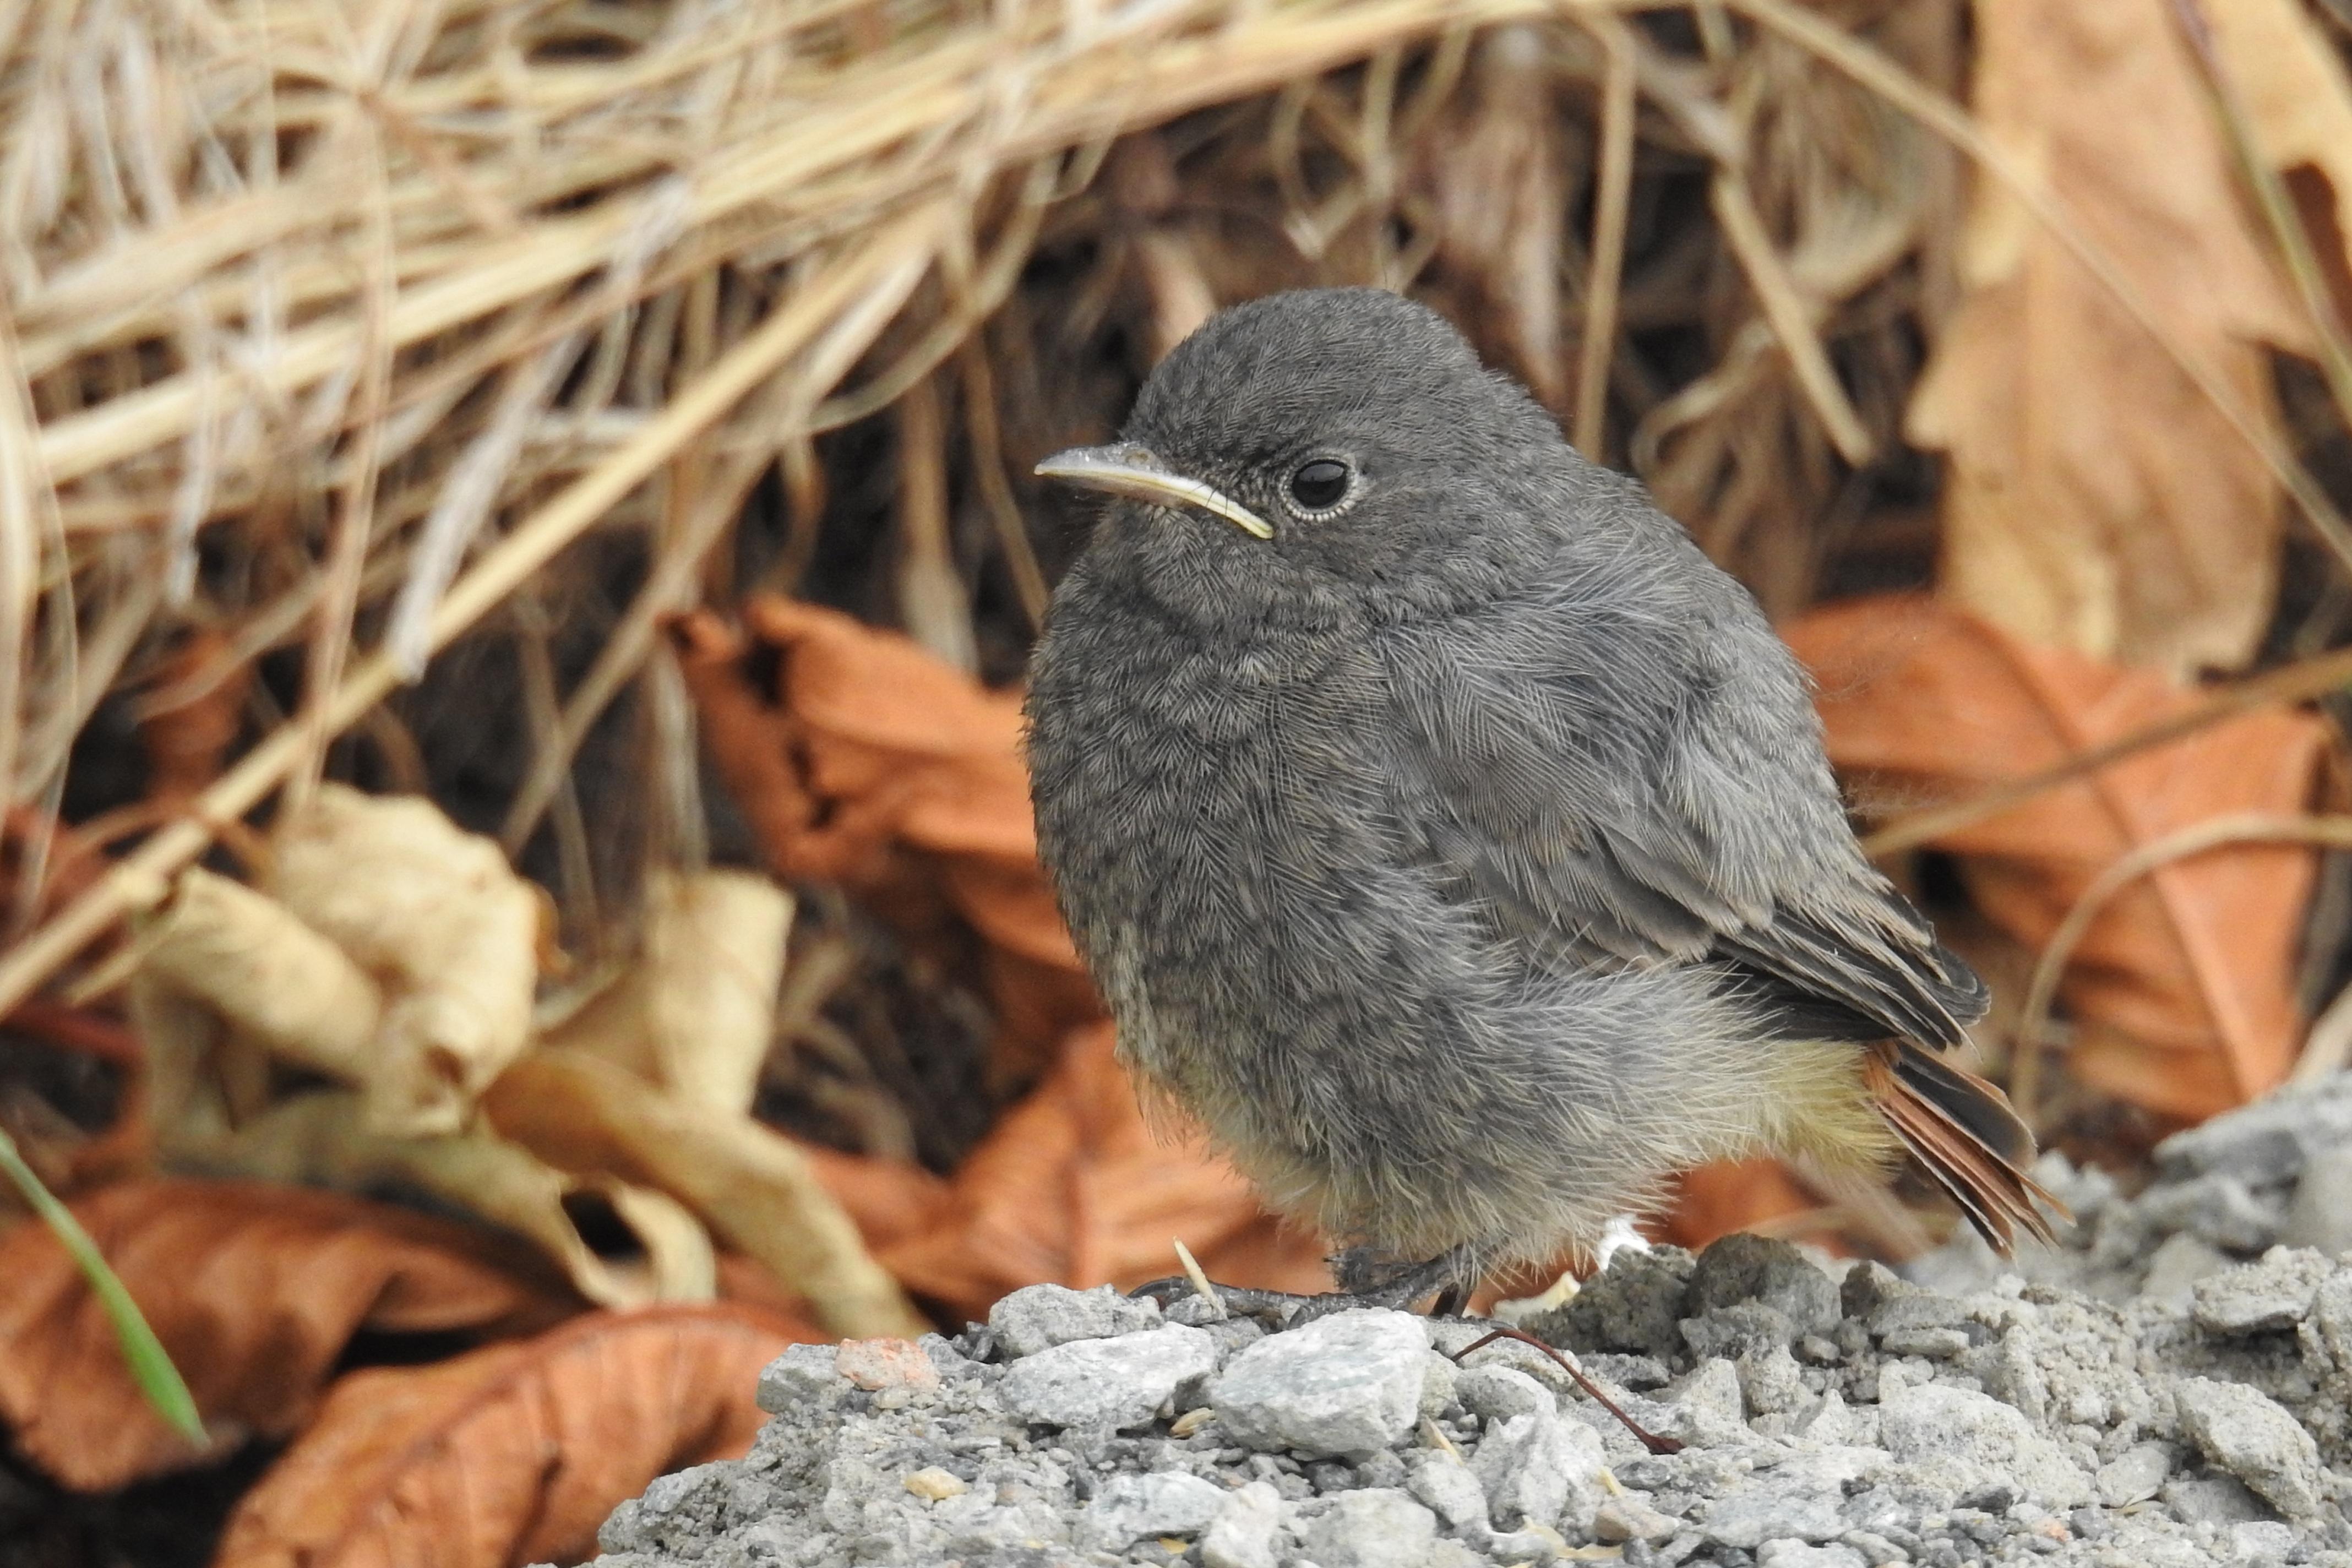 Картинки птиц маленьких размеров